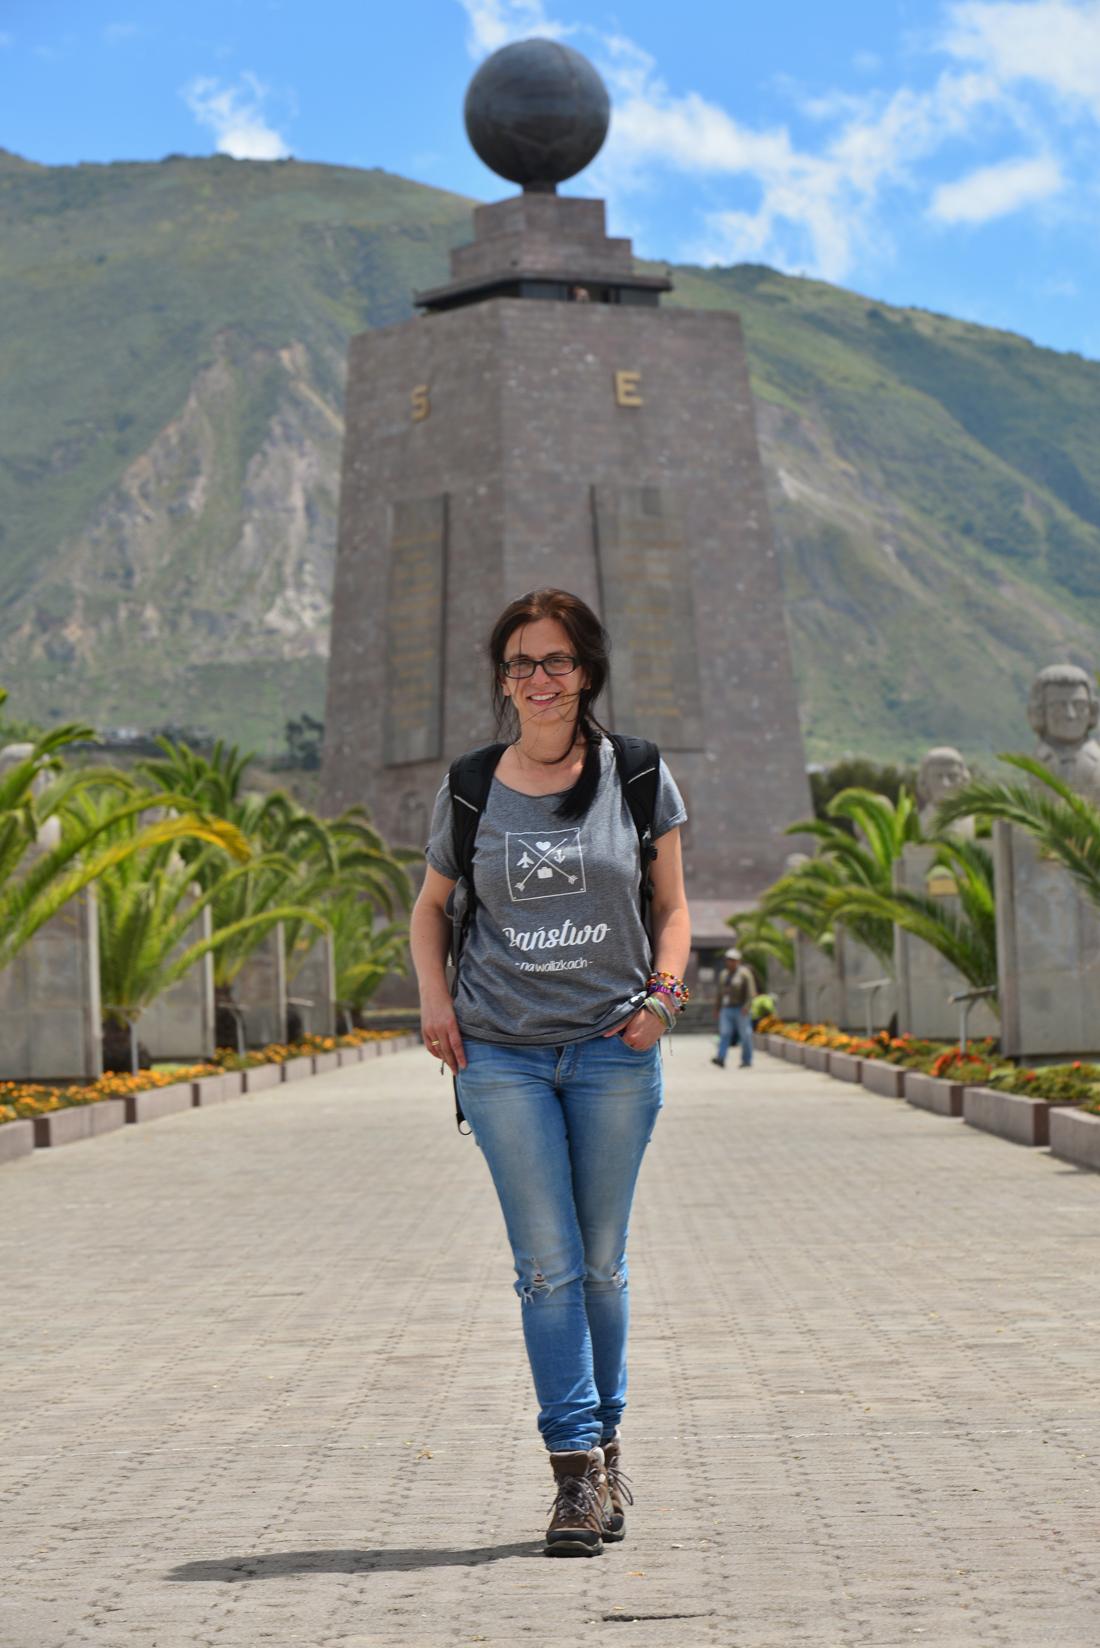 Ekwador Mitad Del Mundo Państwo na Walizkach Równik